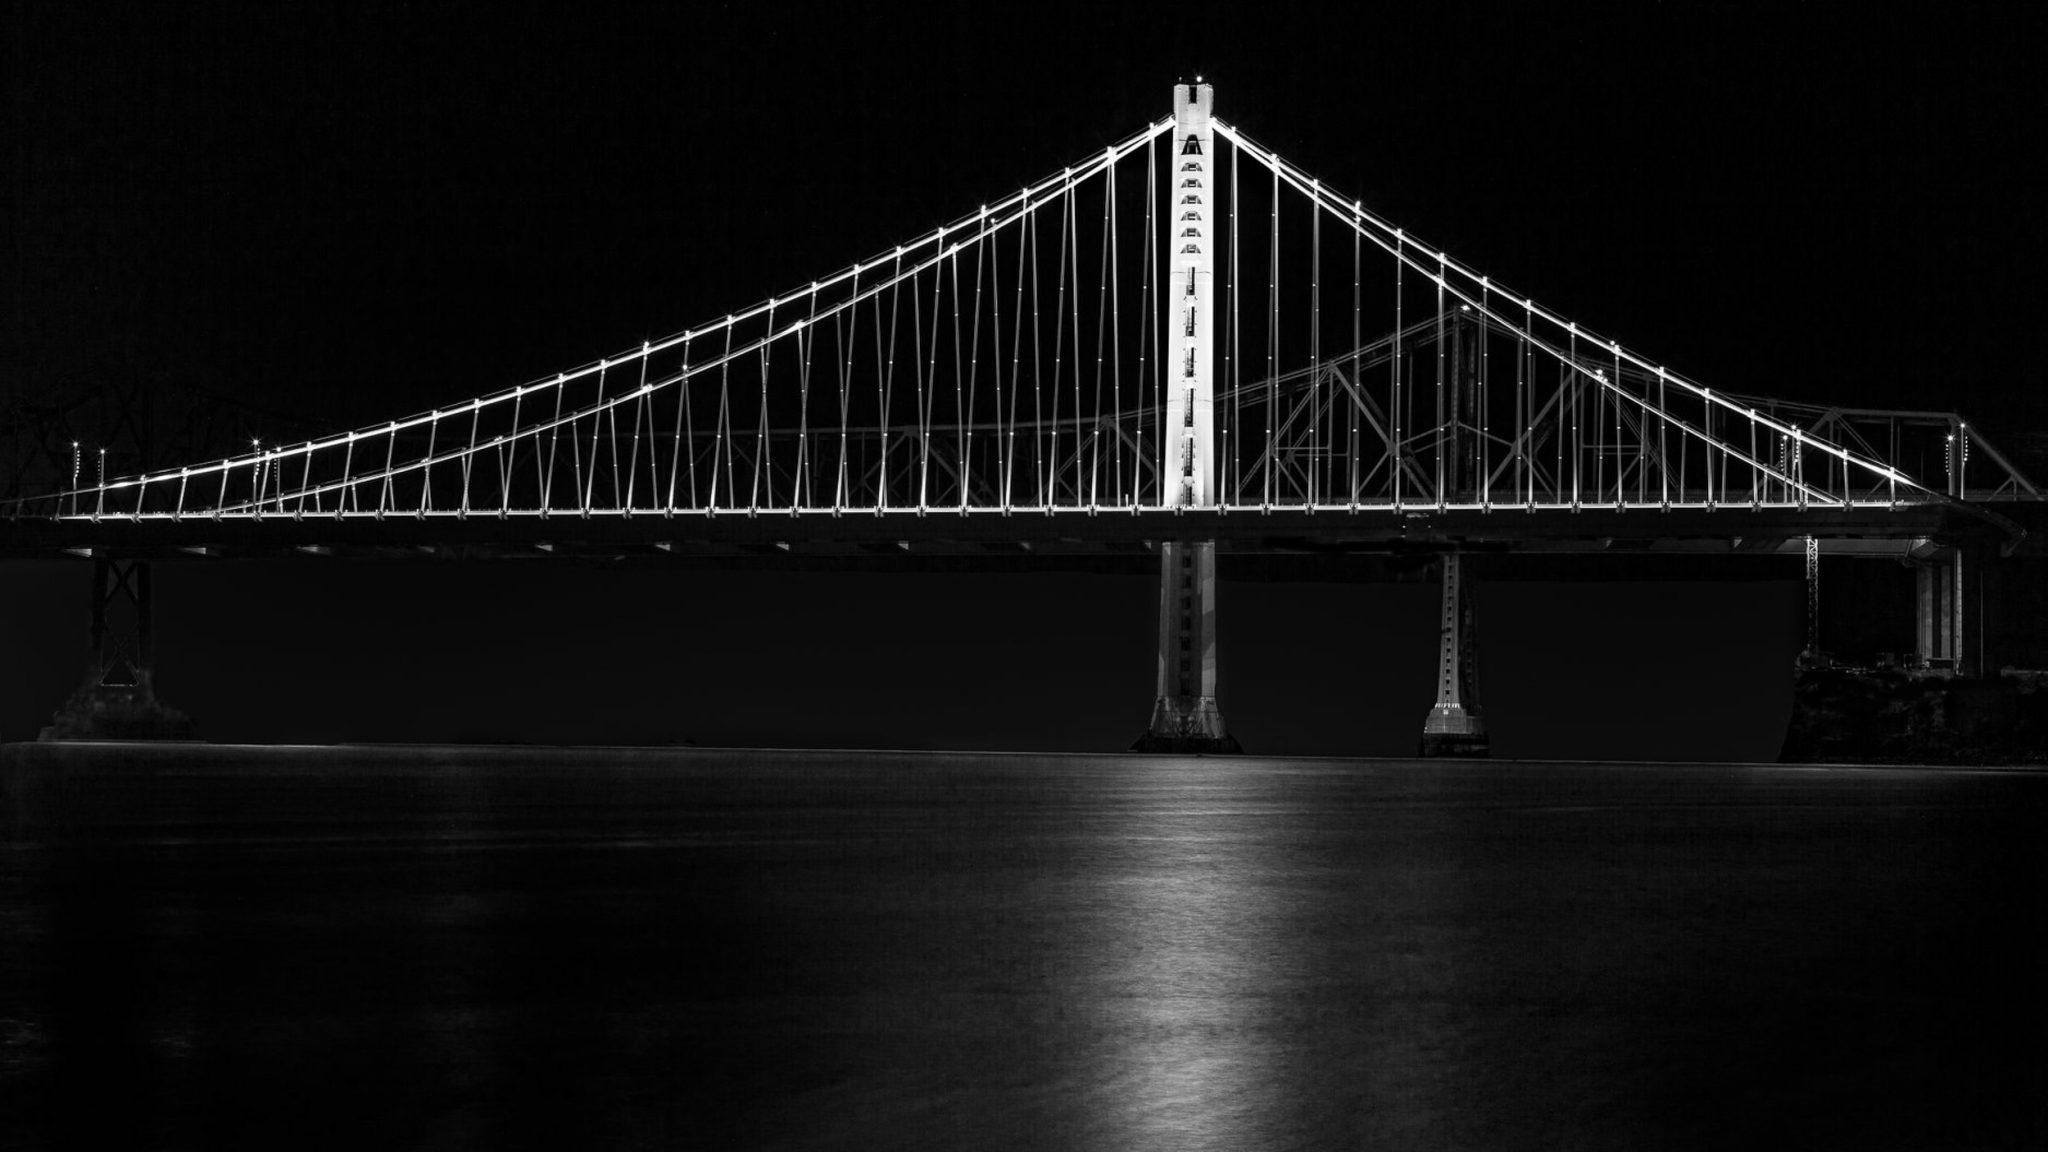 bay bridge san francisco black white nighttime